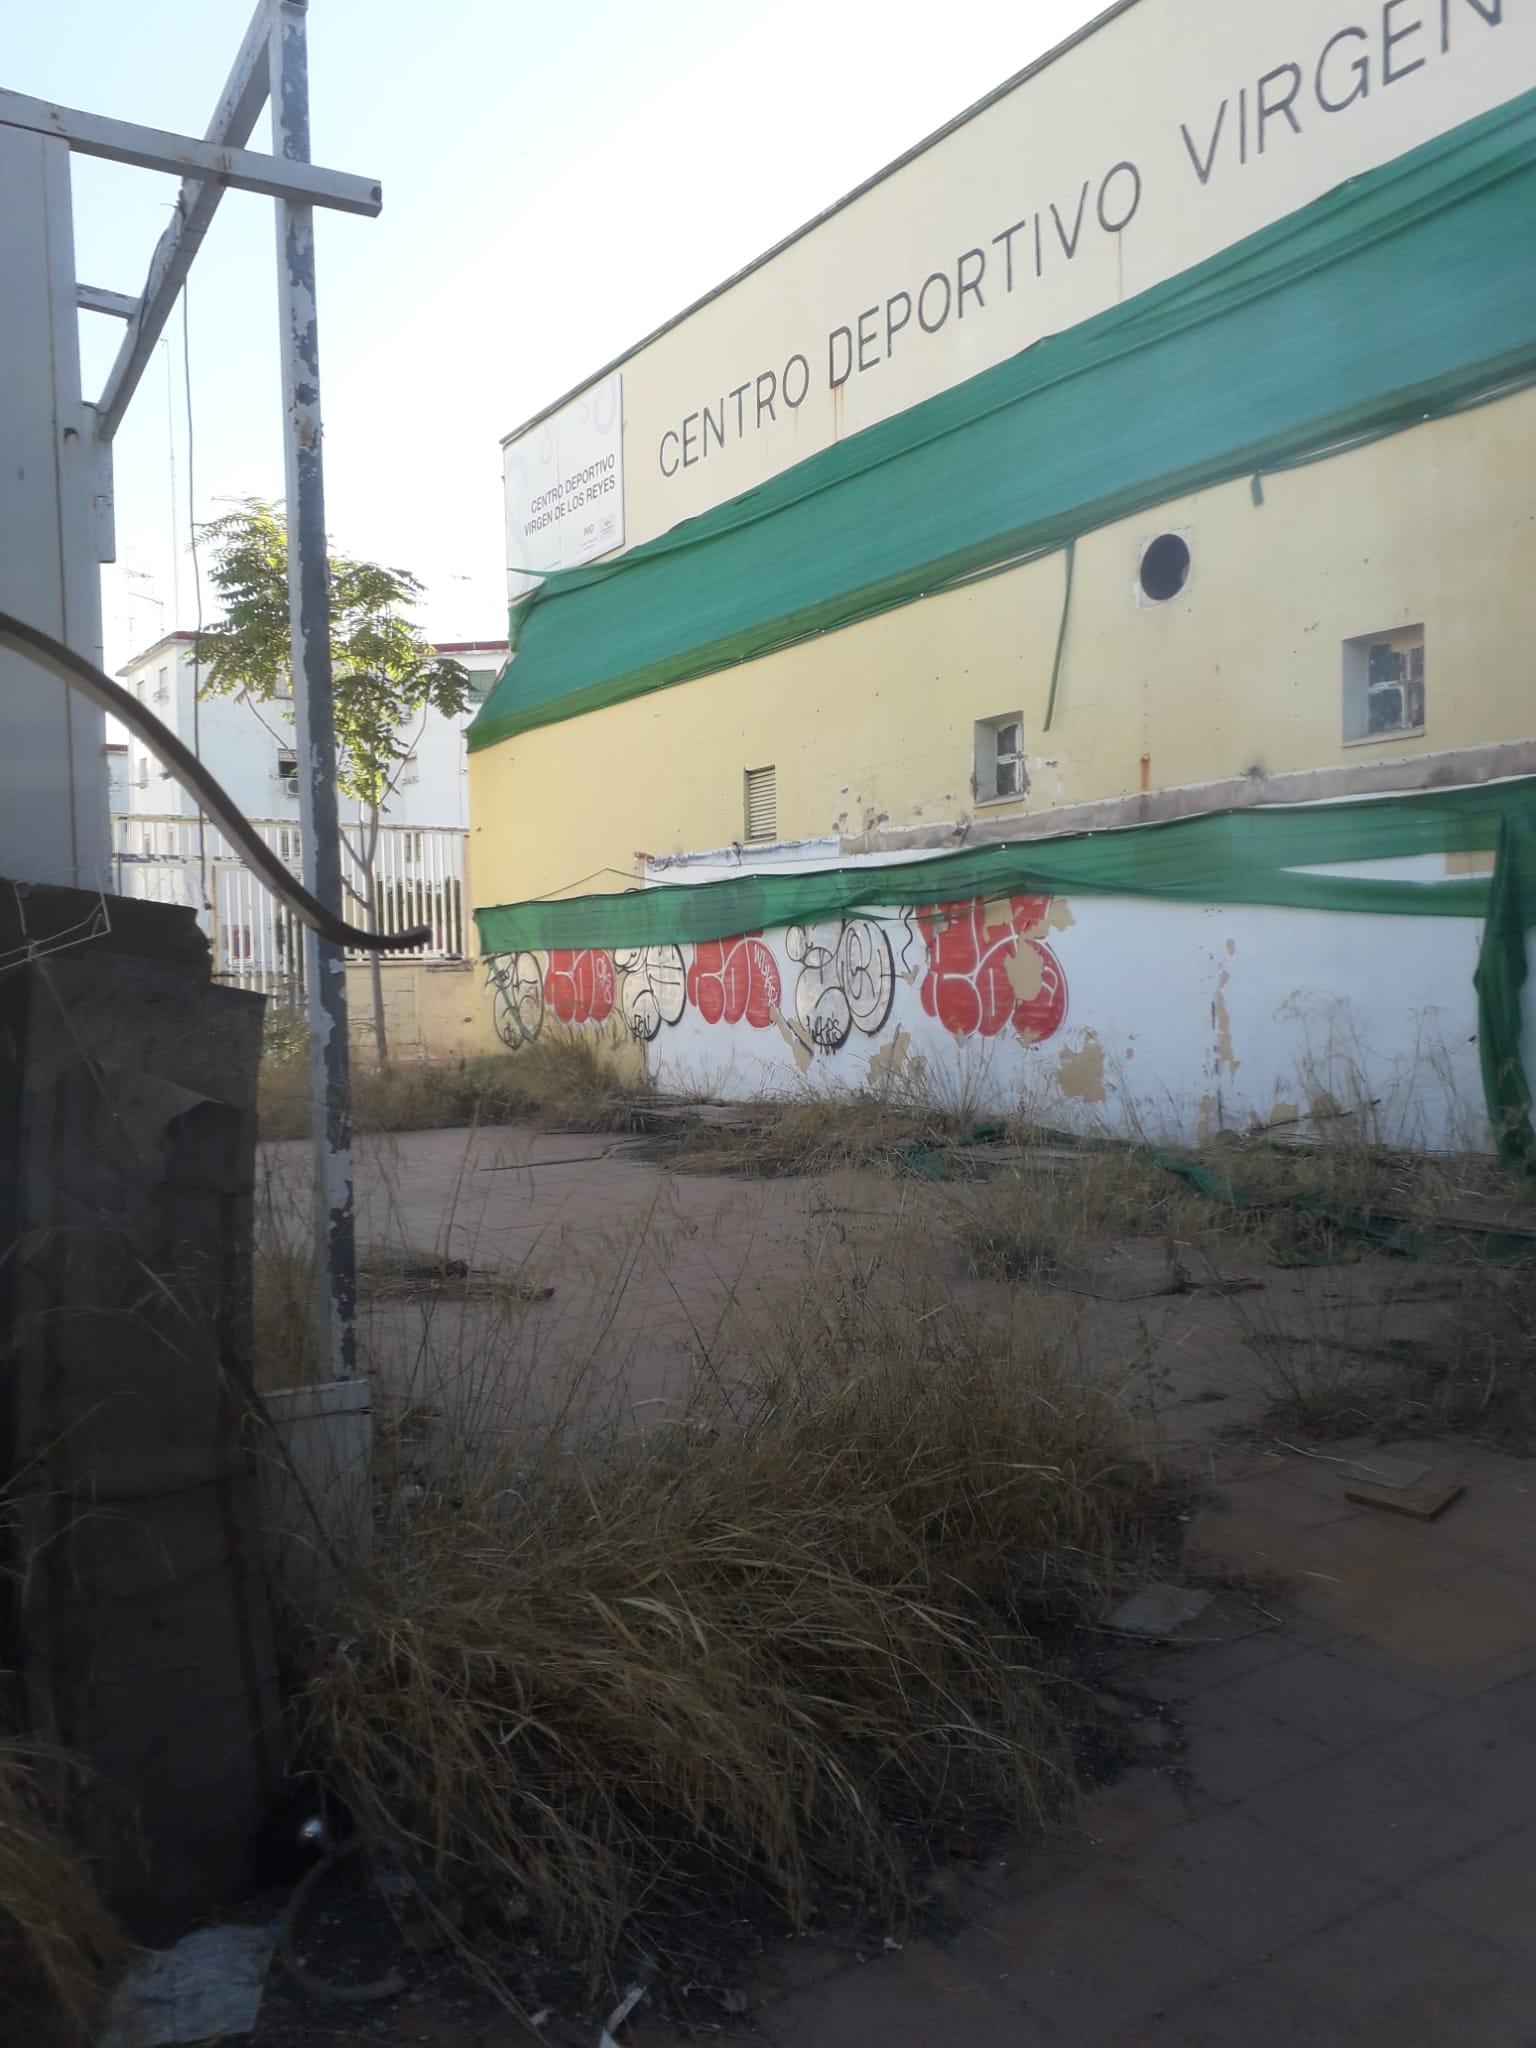 El PP denuncia el retraso en la construcción del Centro Deportivo Virgen de Los Reyes